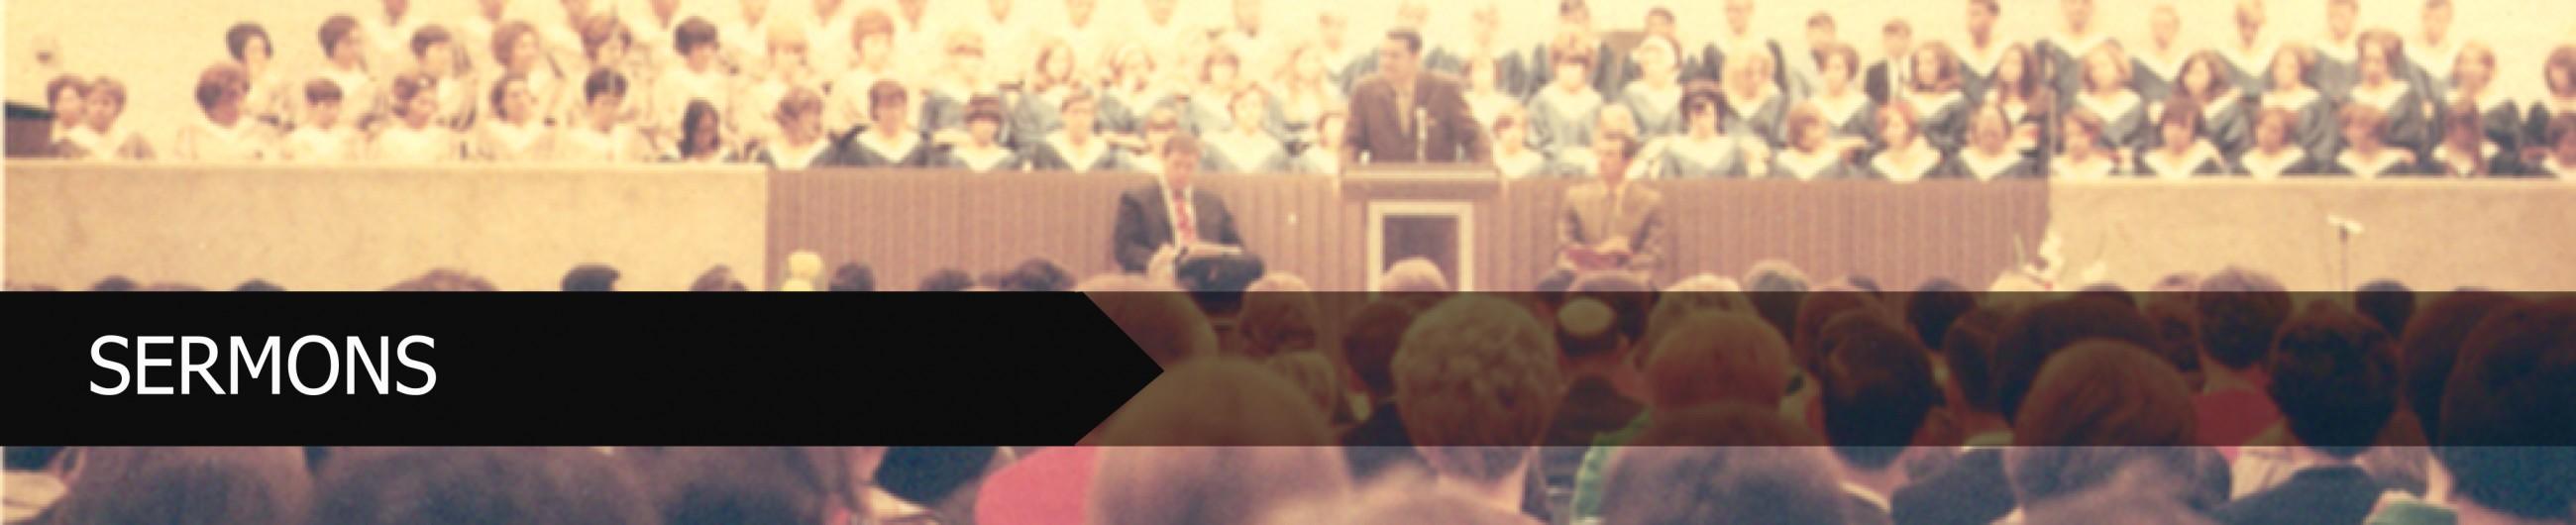 Sermons Ron Dunn Banner